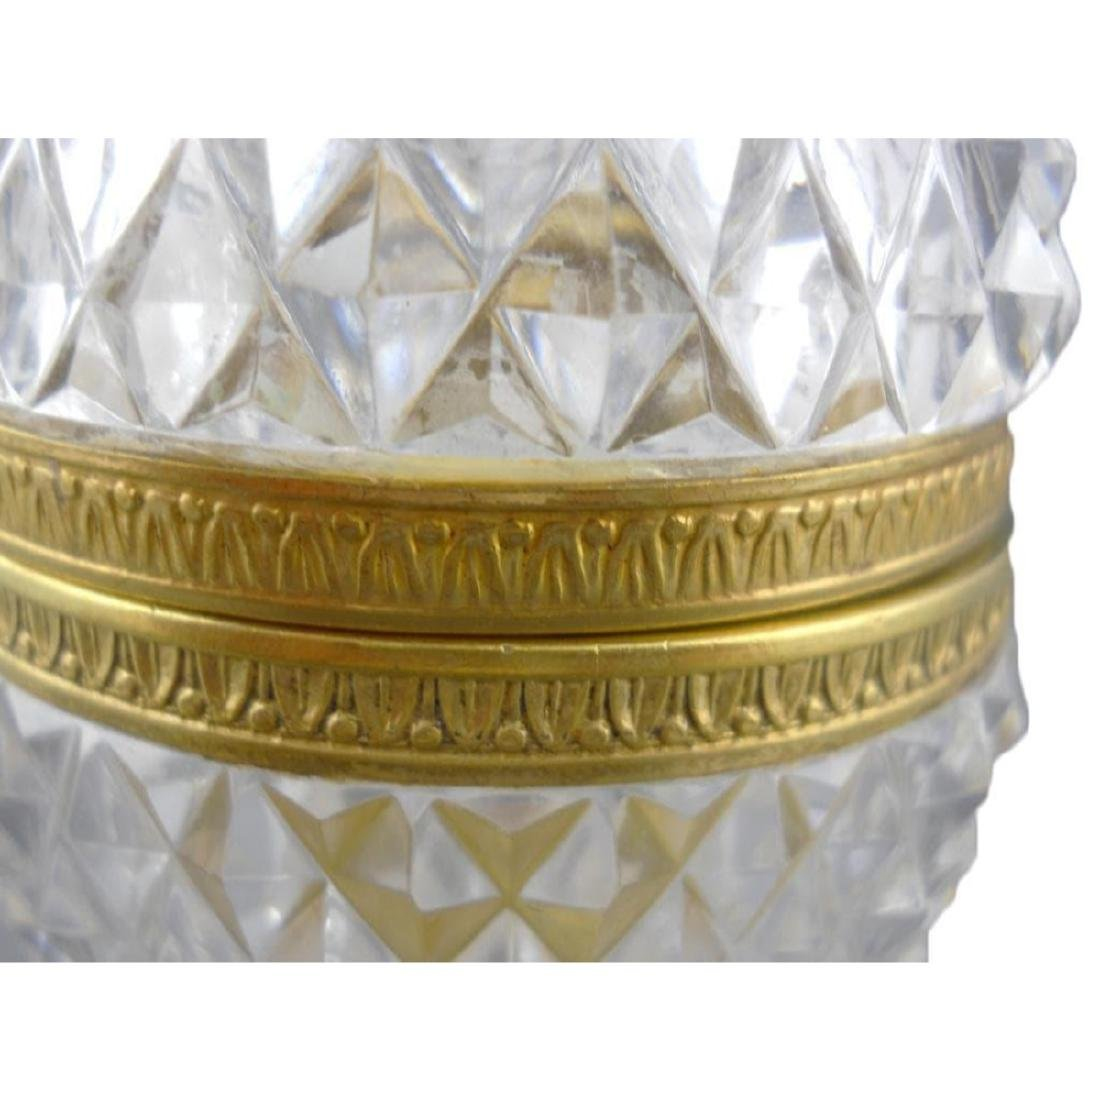 French Cut Crystal Jewel Casket Trinket Box - 5